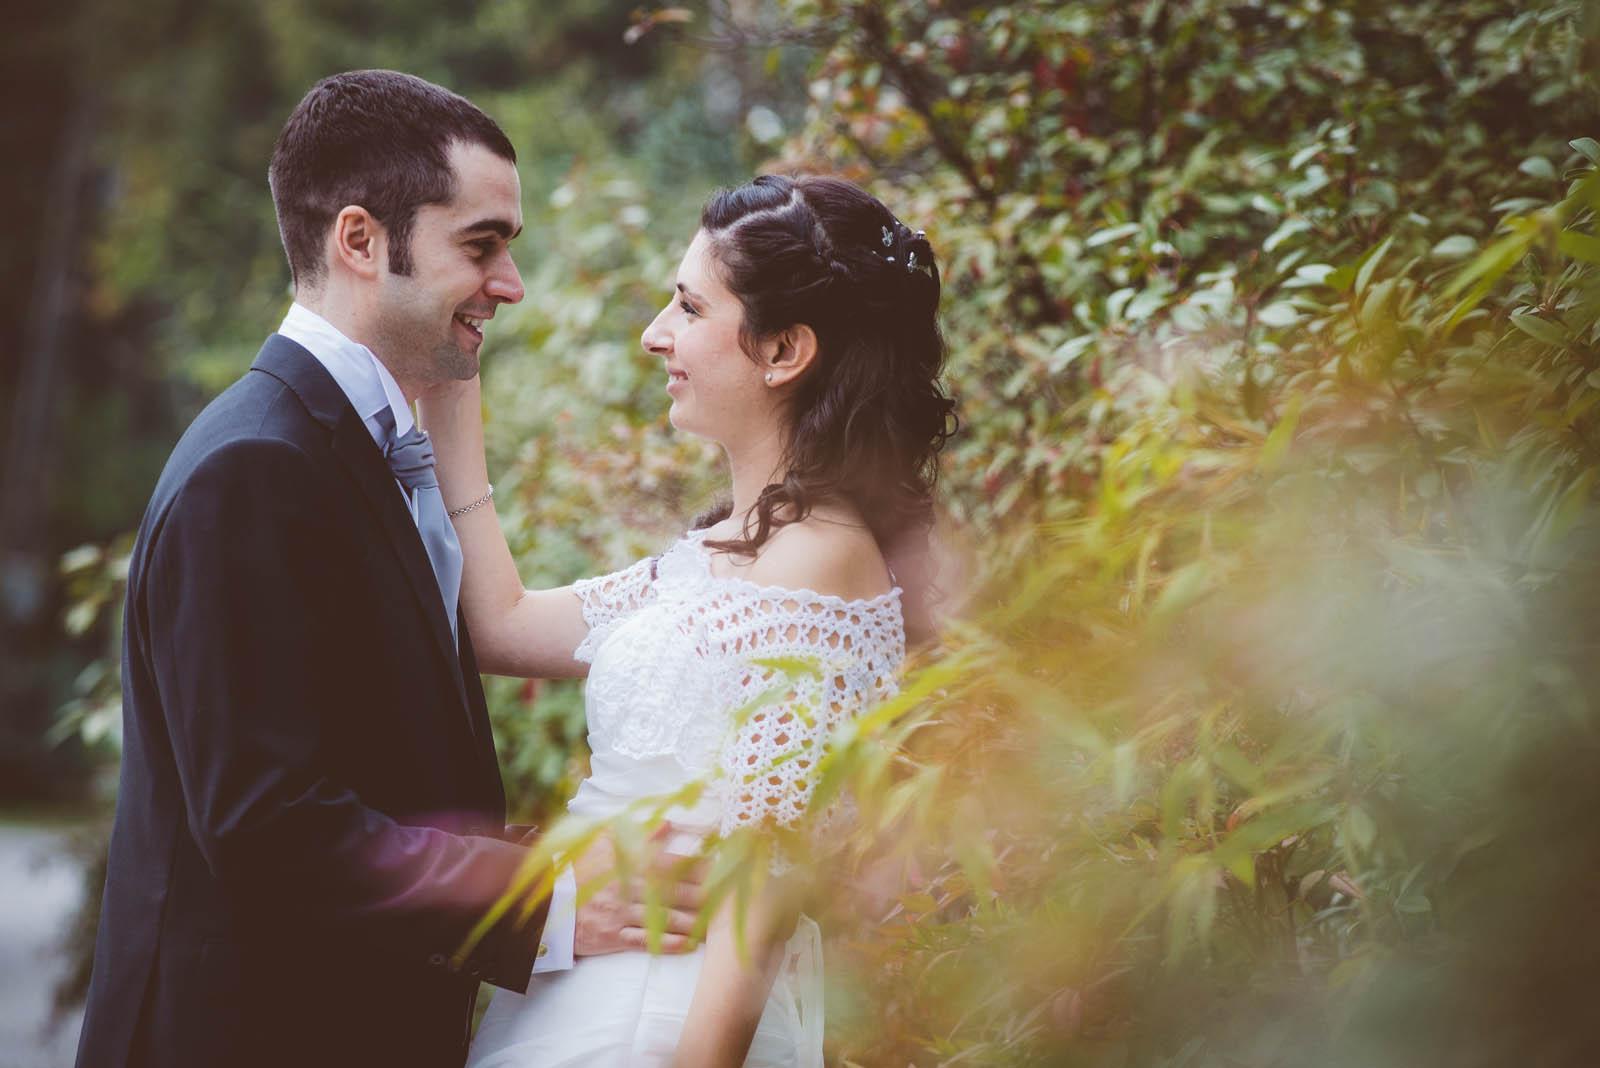 foto matrimonio Cascina di Mezzo, Carolina e Nadir